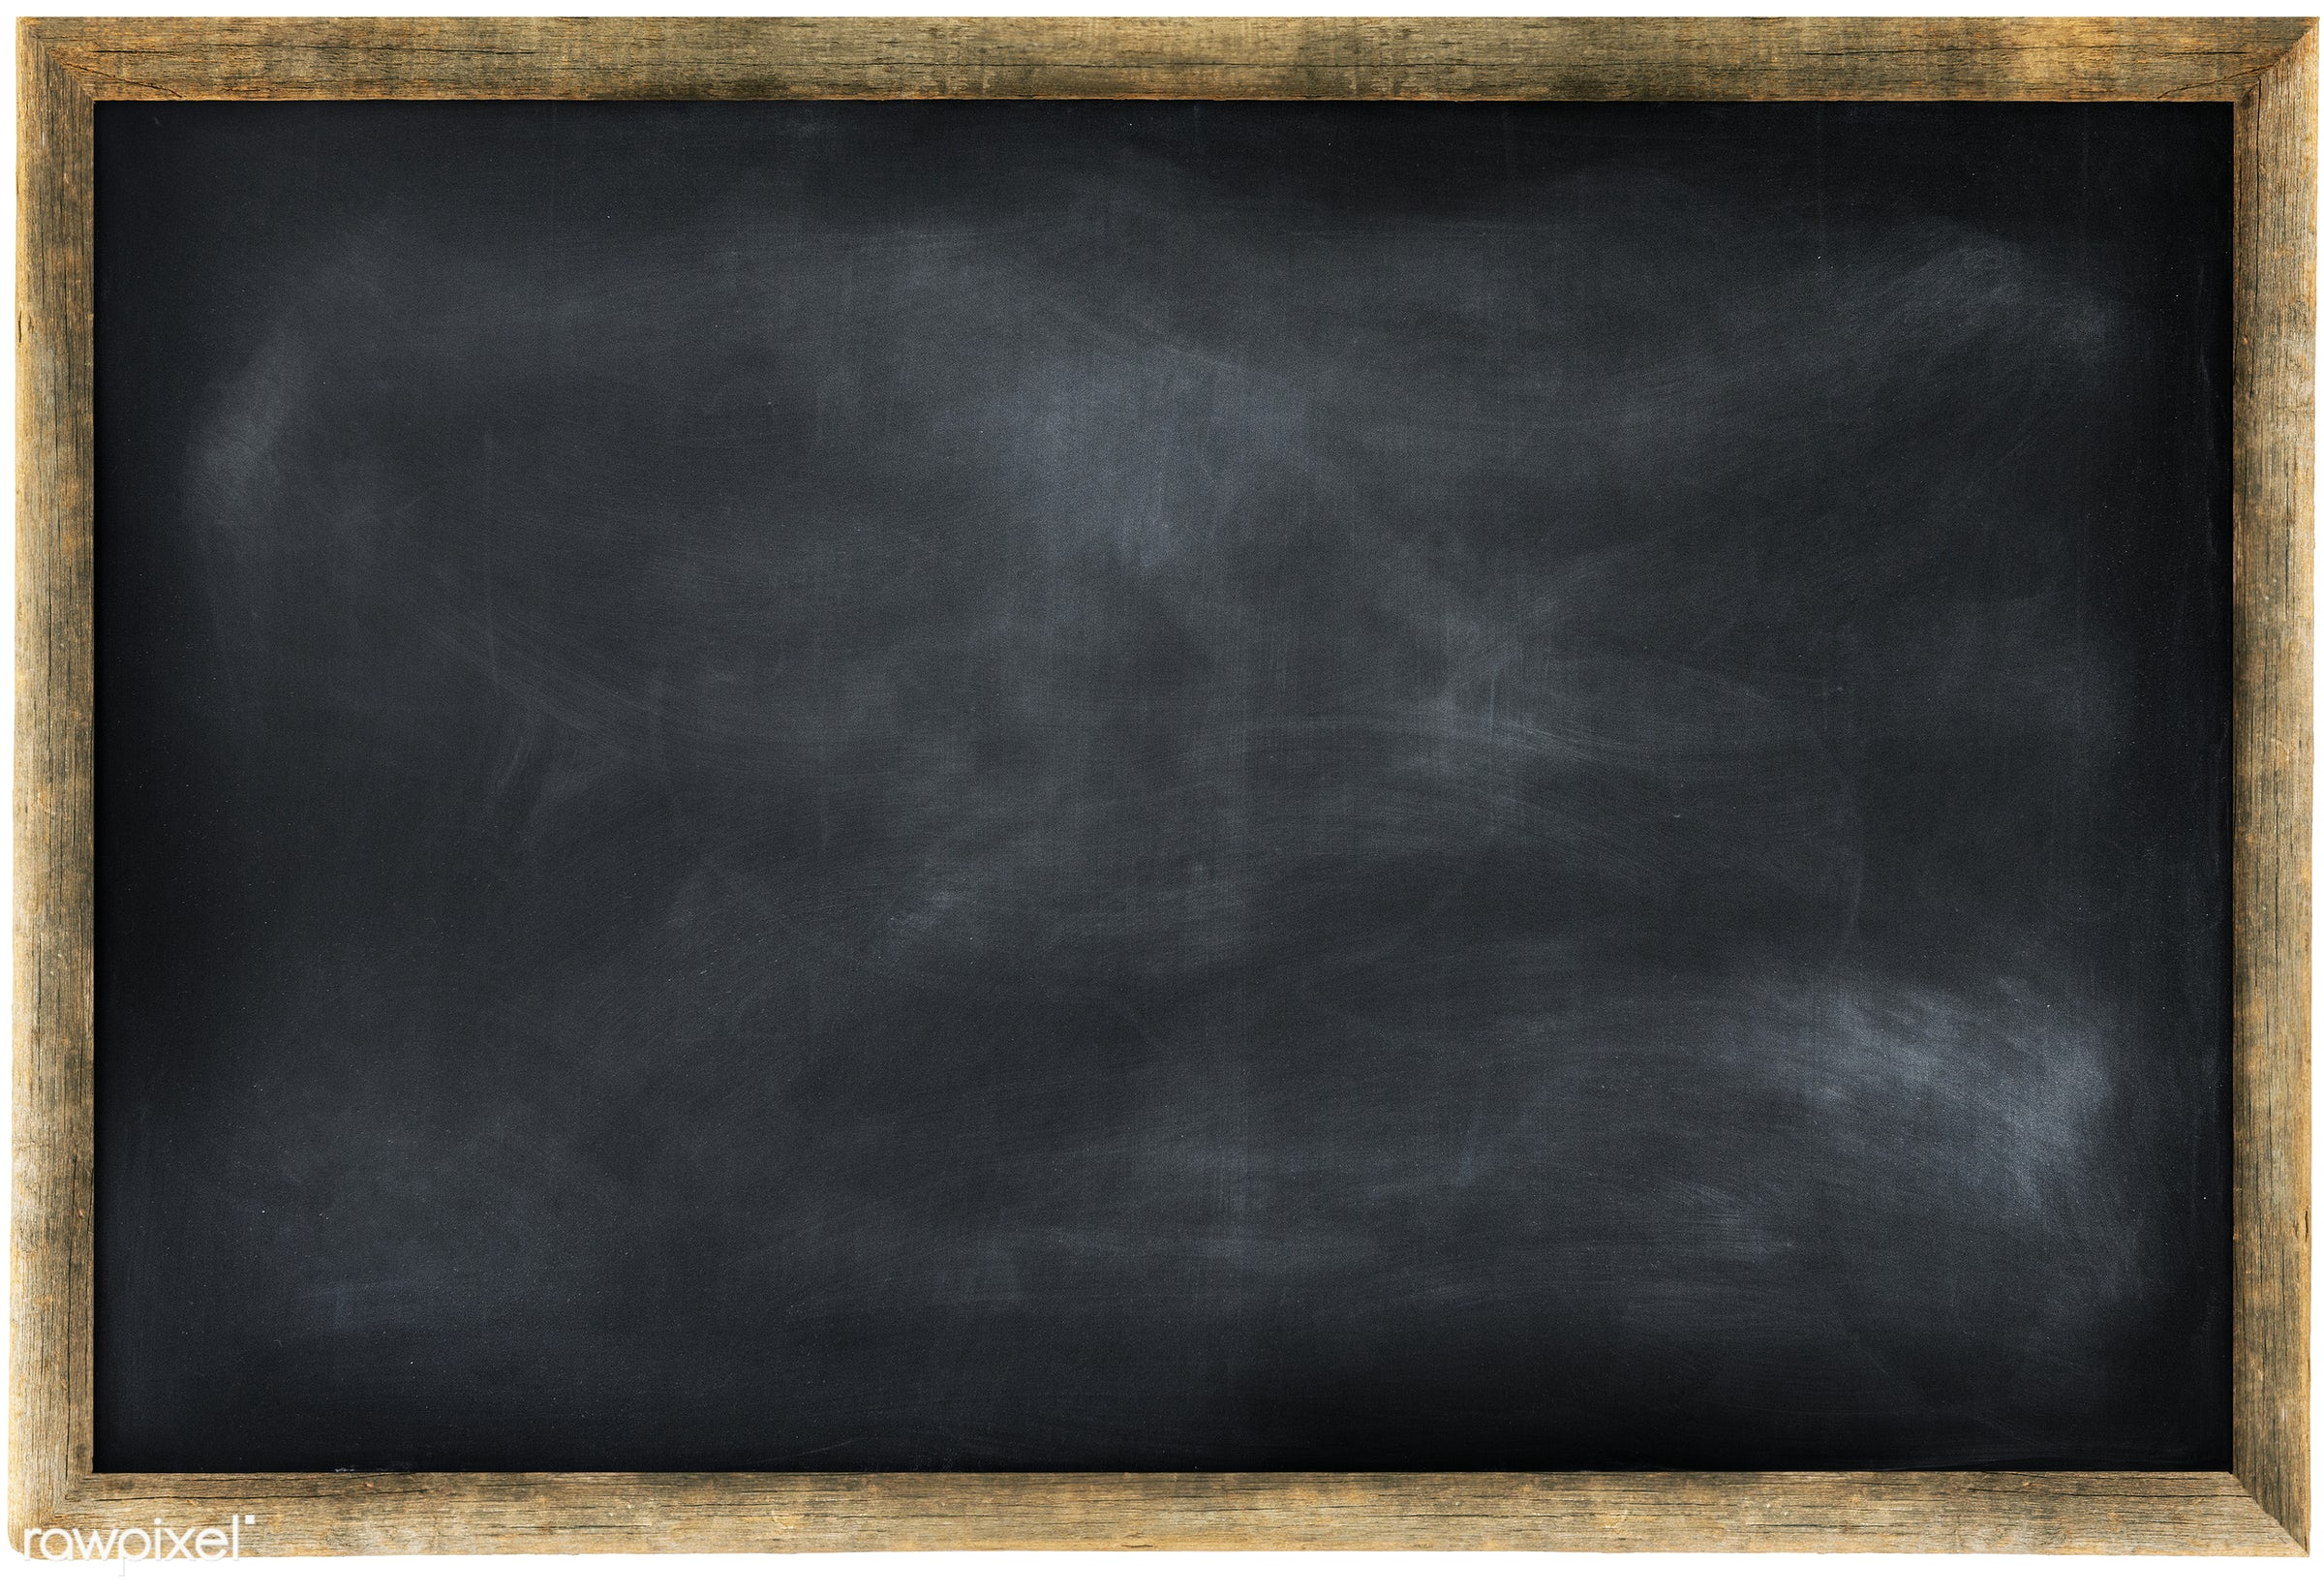 chalkboard, blackboard, advert, announcement, background, blank, board, copy space, education, empty, learn, lesson, mock up...